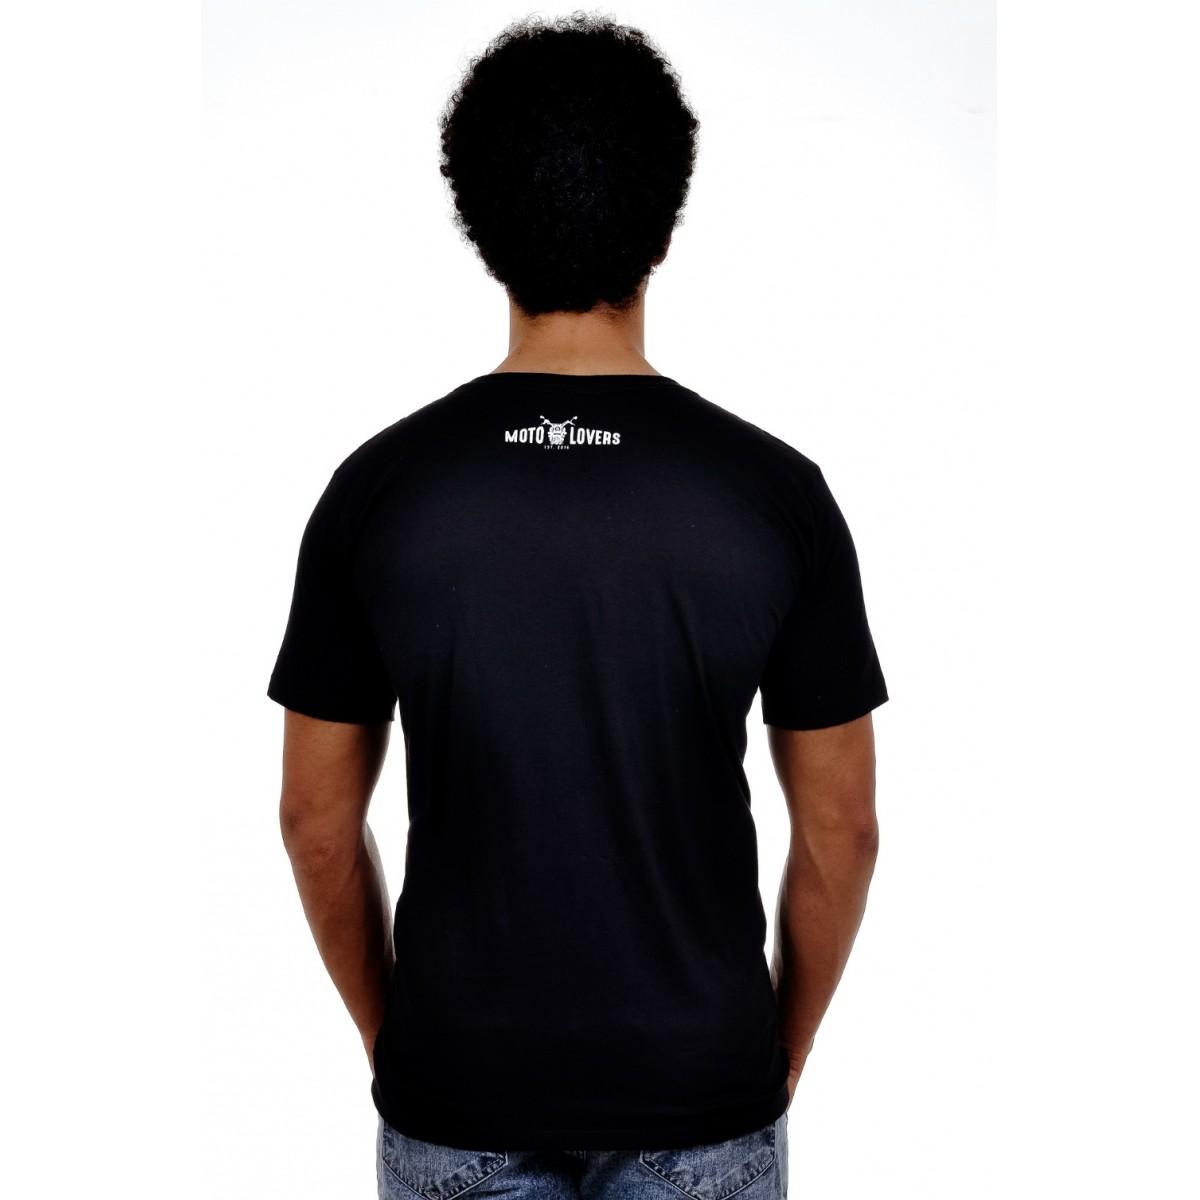 Camiseta Não Importa o Estilo